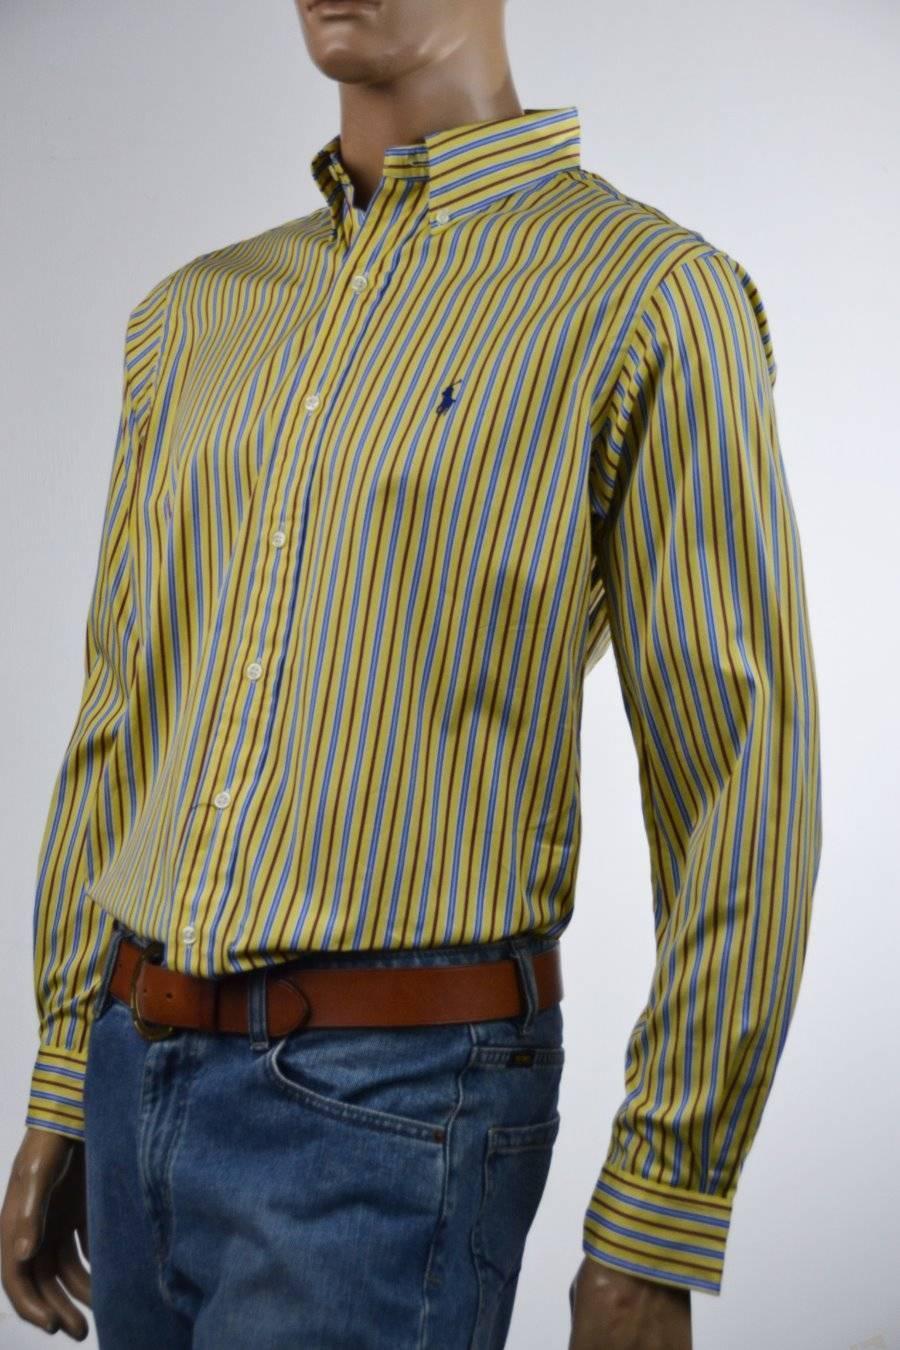 Ralph Lauren Classic Fit Yellow,bluee & Red Stripe Dress Shirt NWT